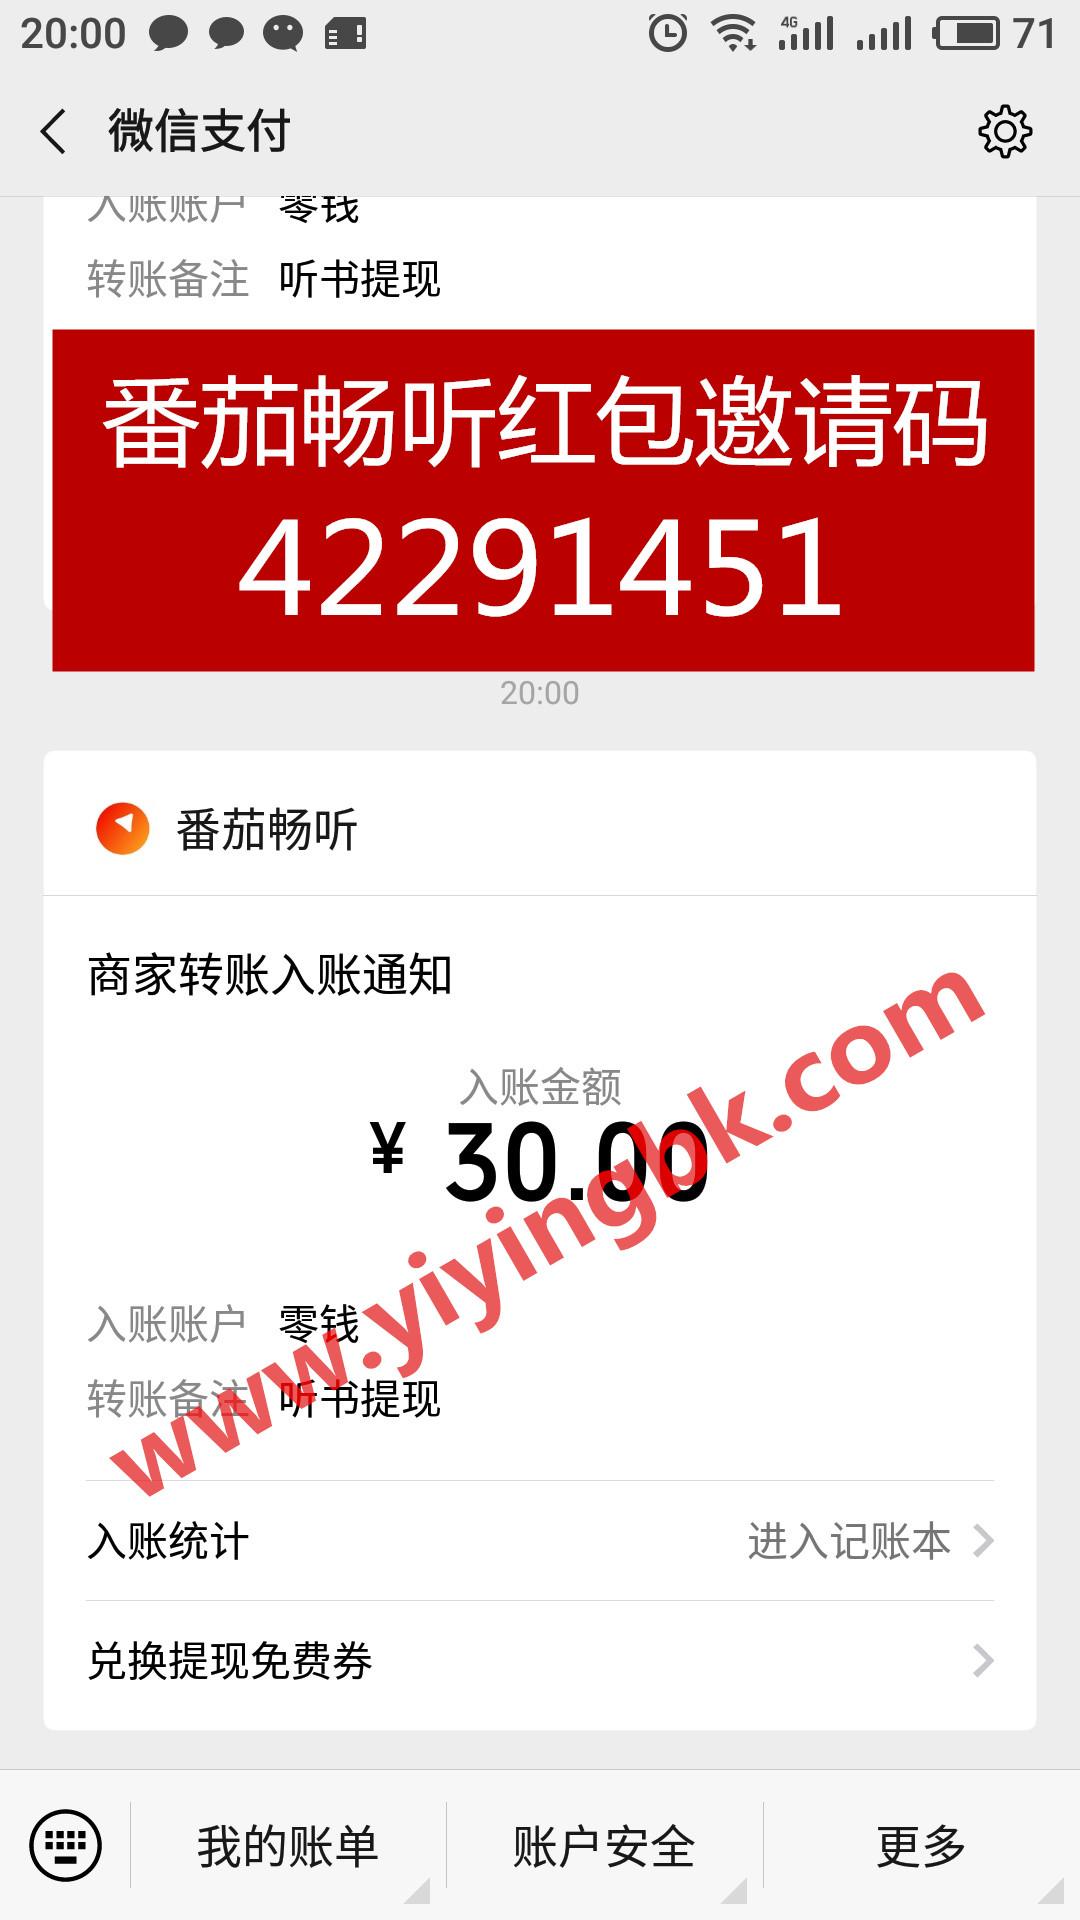 番茄畅听红包邀请码42291451,www.yiyingbk.com